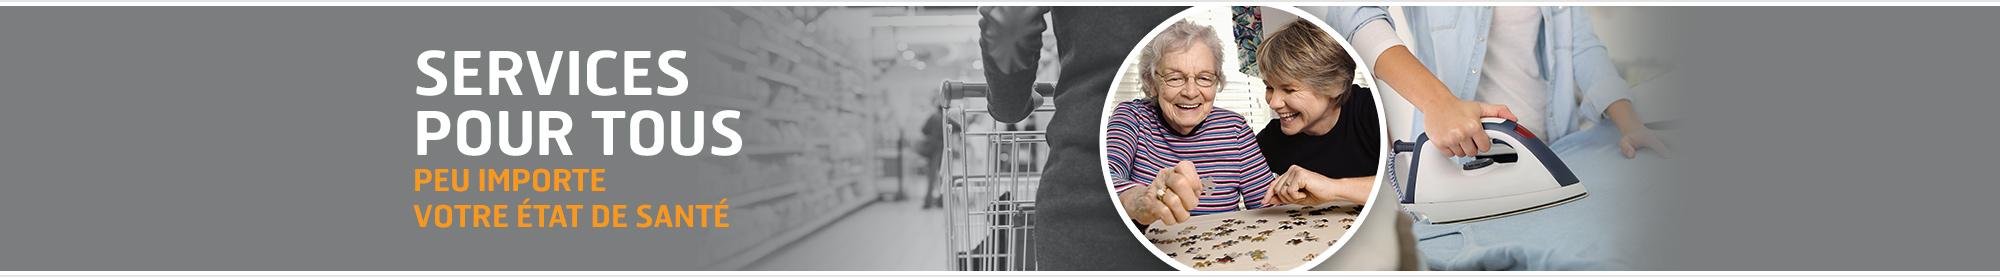 Femme de ménage, Nettoyage, coopérative de service à domicile